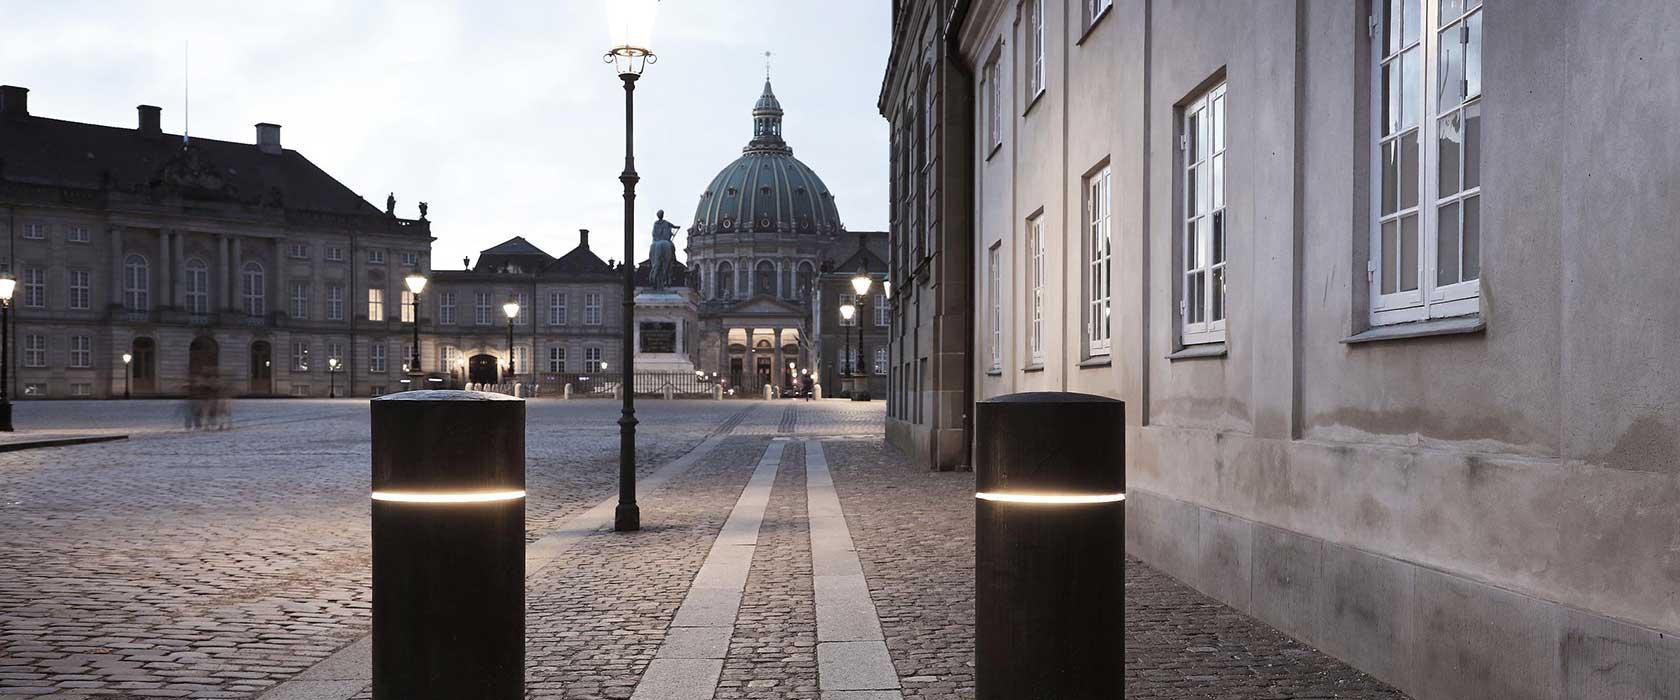 Amalienborg Slotsplads by night